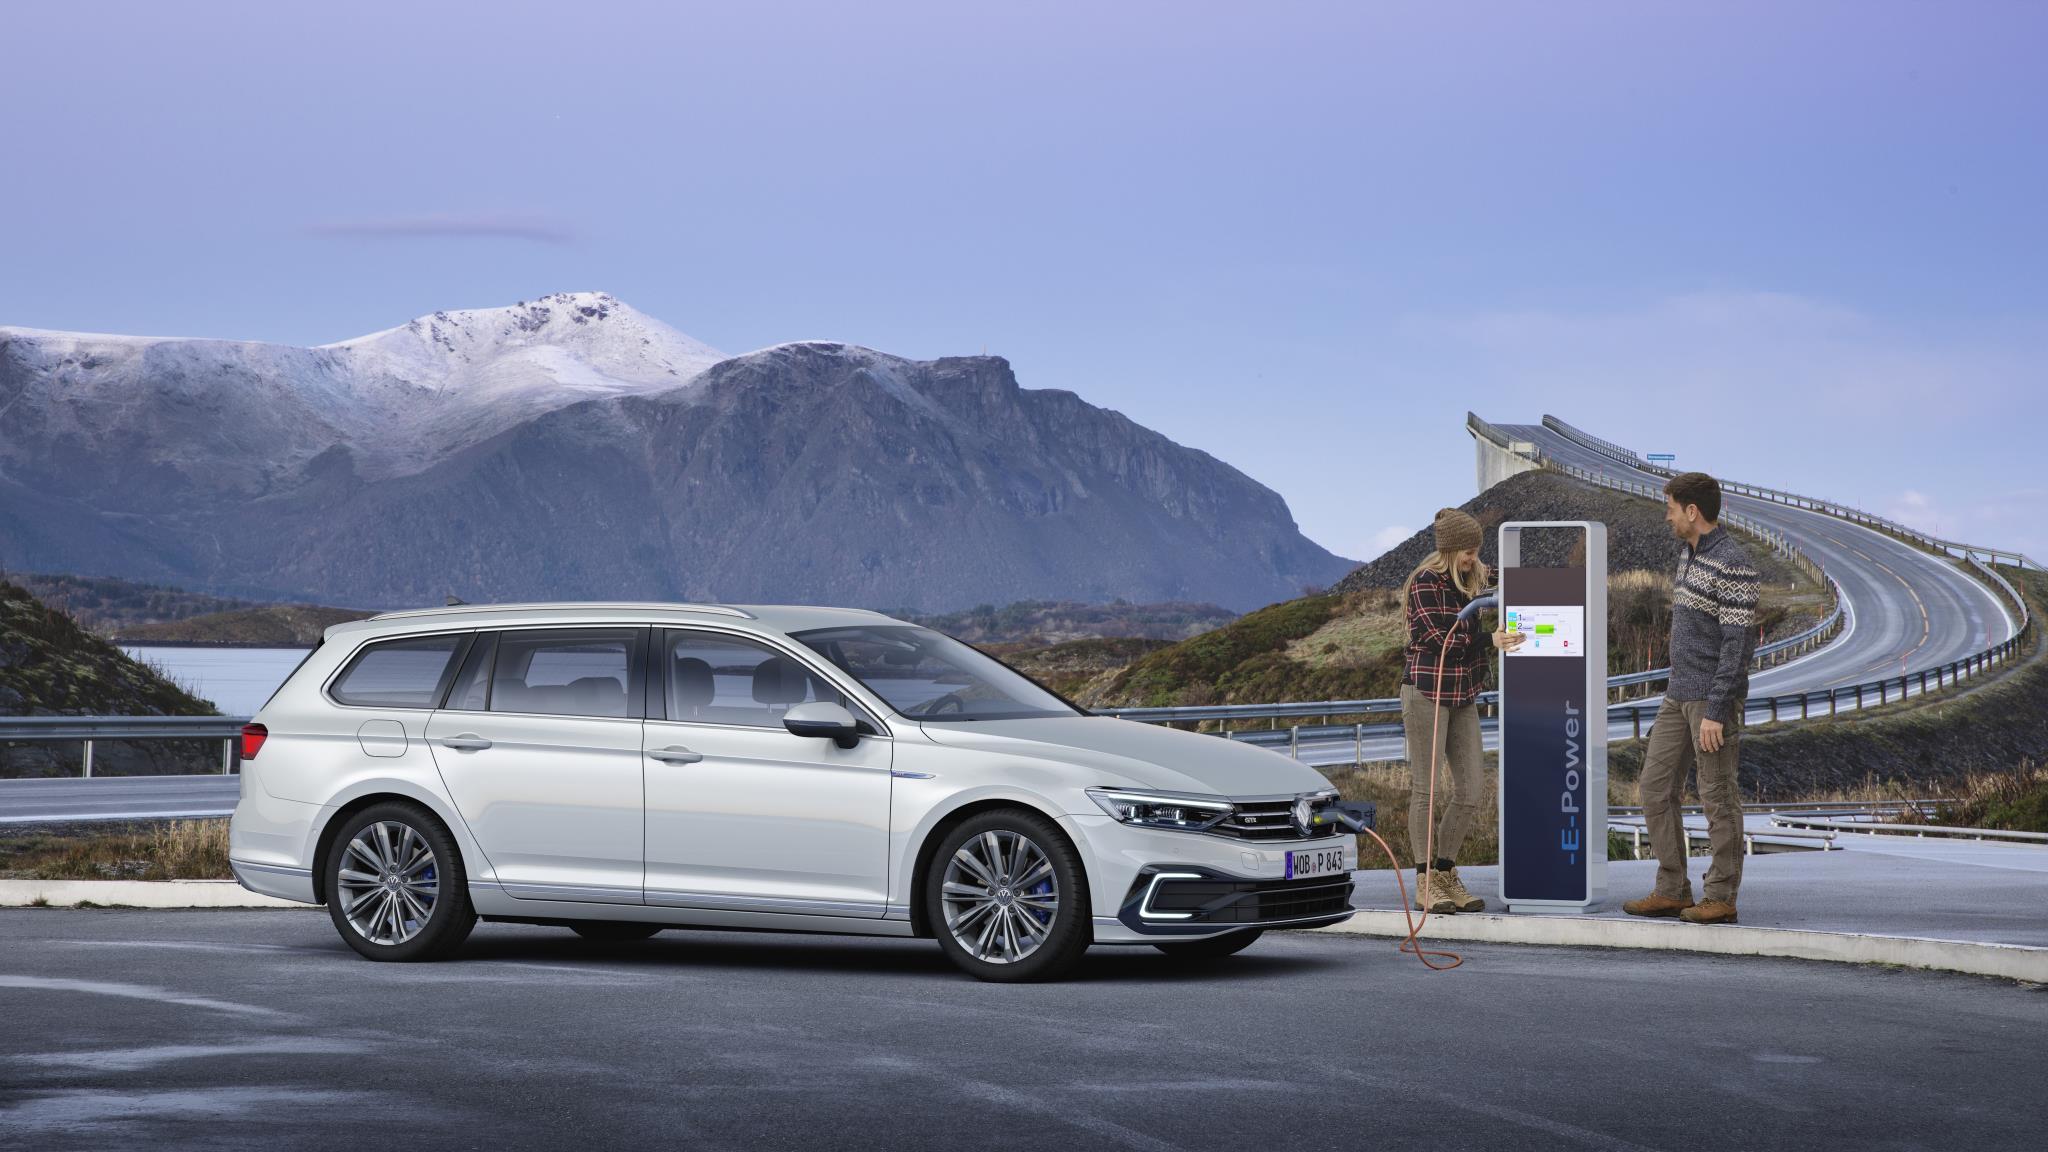 Novi VW passat – skoraj sam vozi do 210 na uro, vselej povezan s spletom